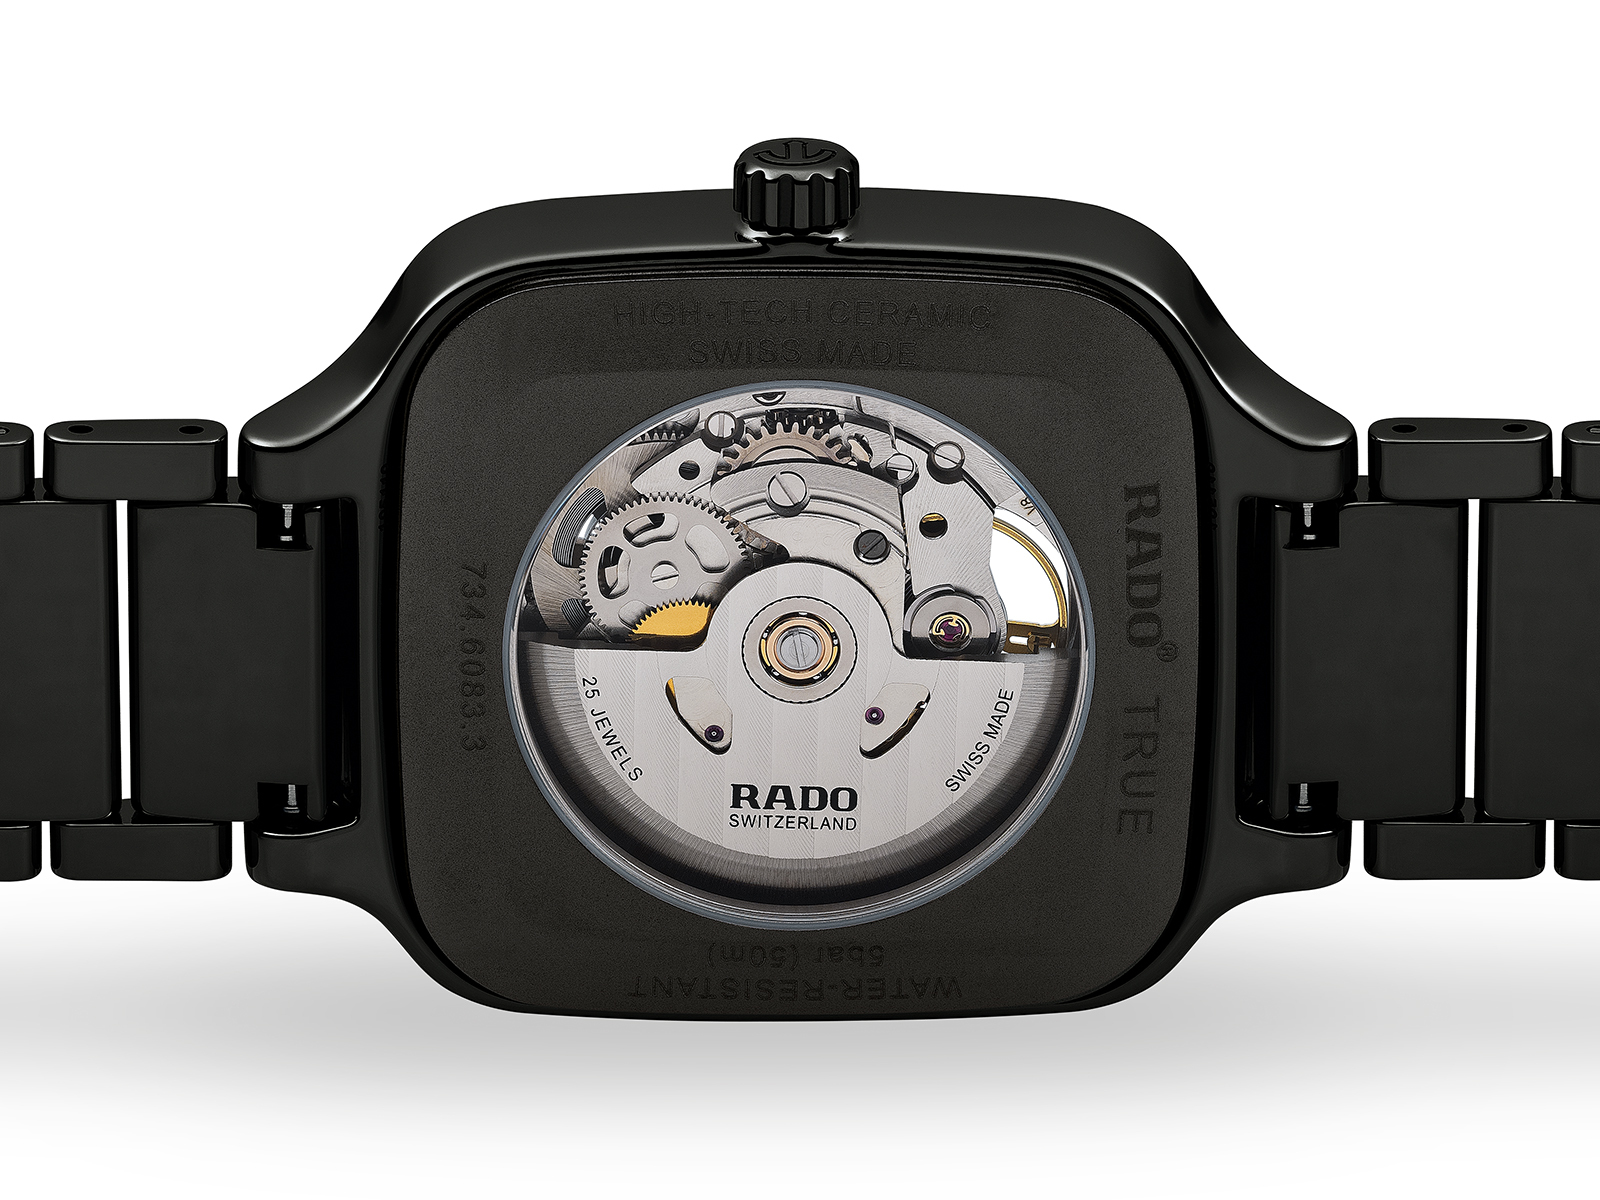 【RADO ラドー】True Square Automatic Open Heart トゥルースクエア オープンハート(ブラック)/正規輸入品